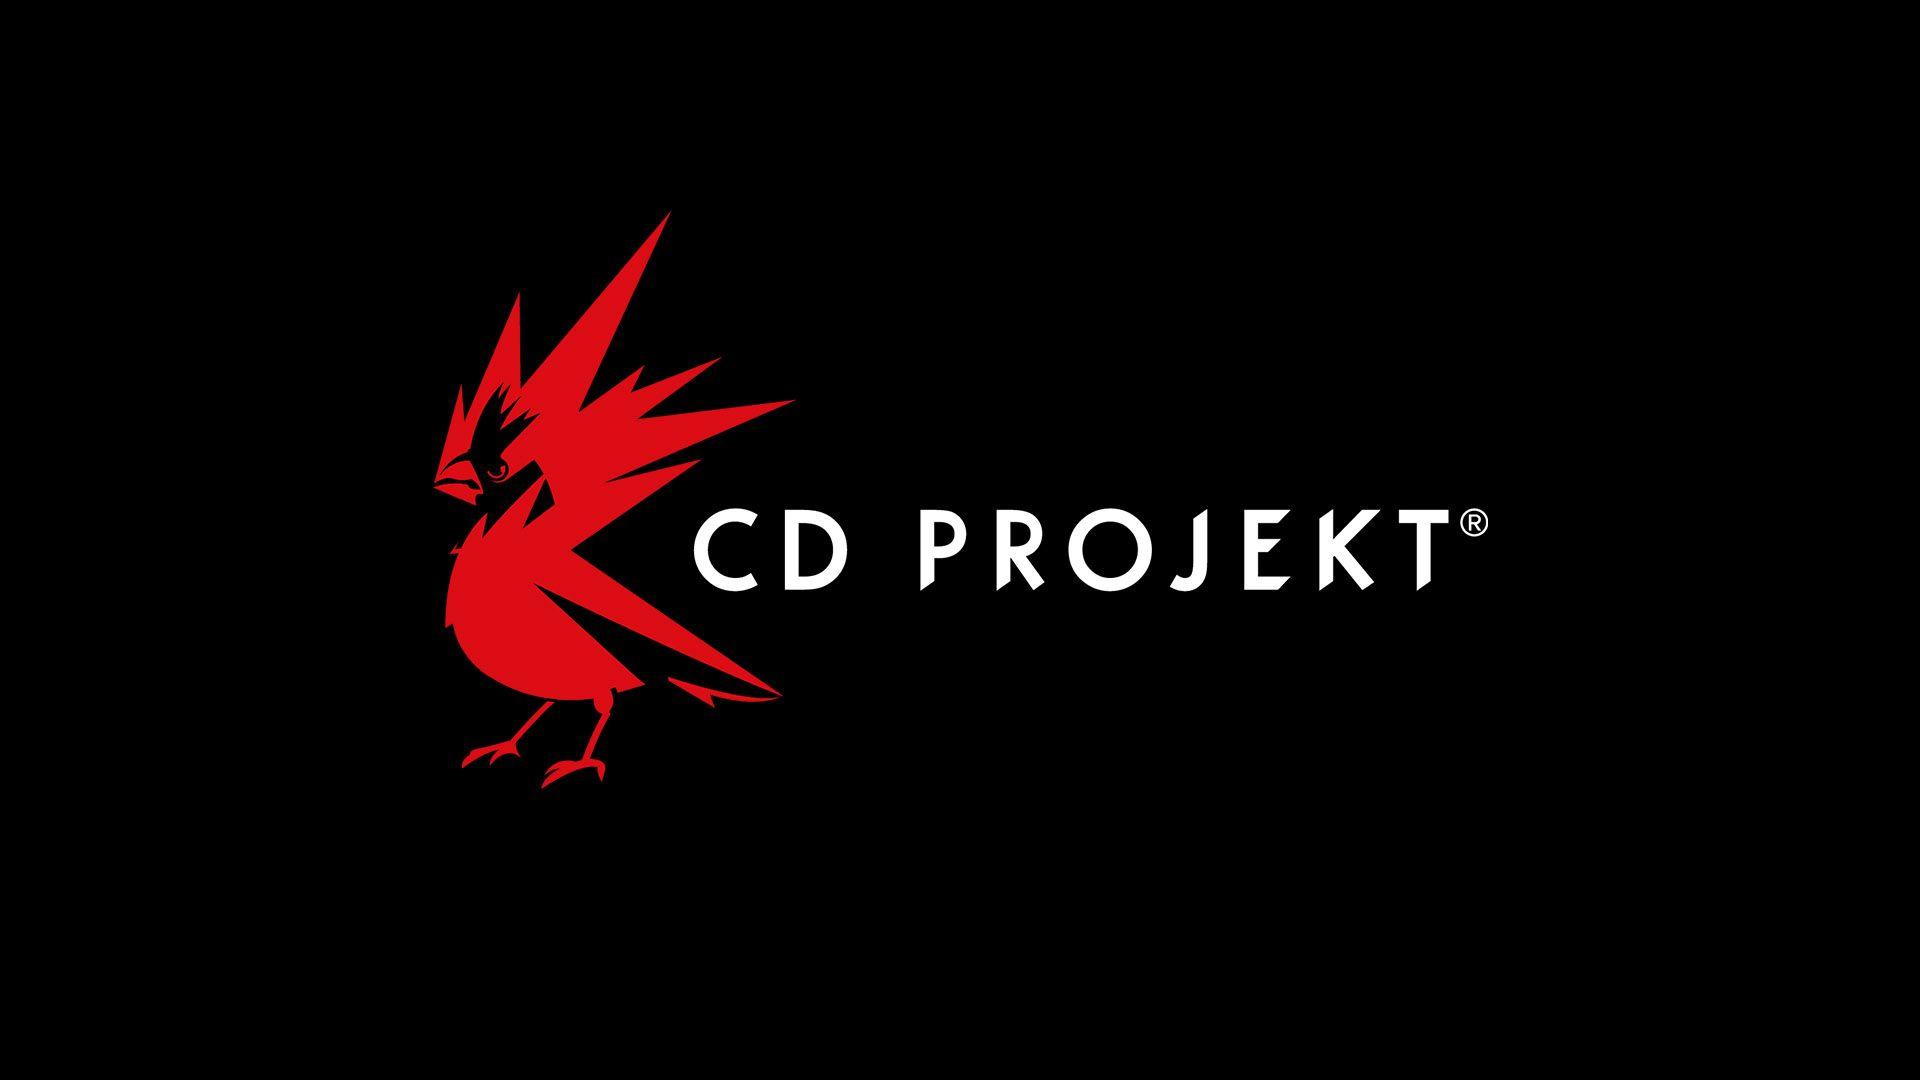 CD-Projekt-Red-logo